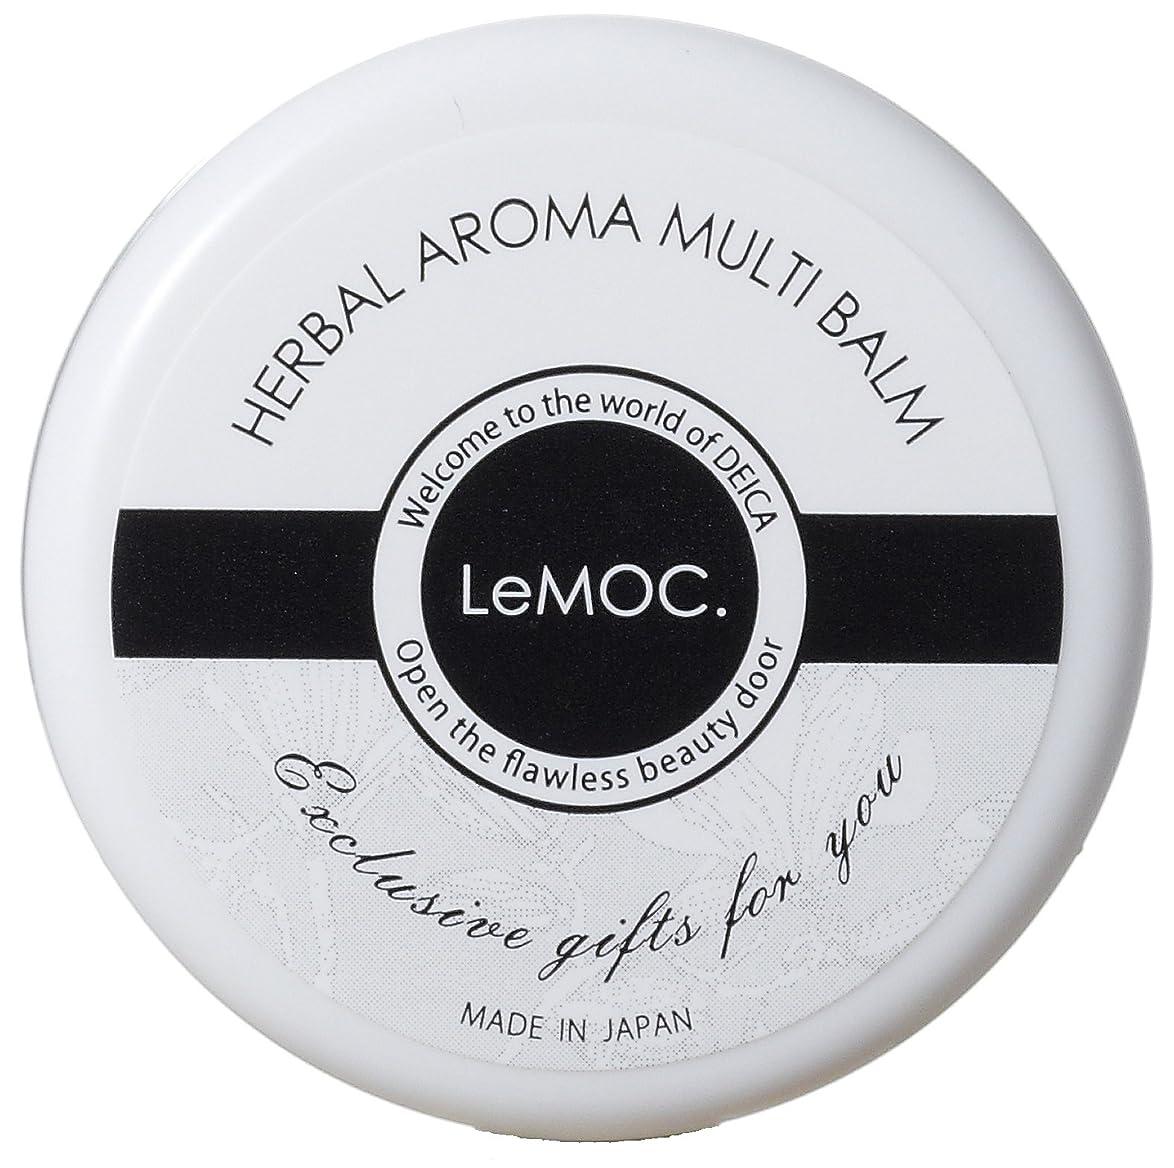 オピエート公平なチューリップルモック.(LeMOC.) ハーバルアロマ マルチバーム 15g(全身用保湿バーム)